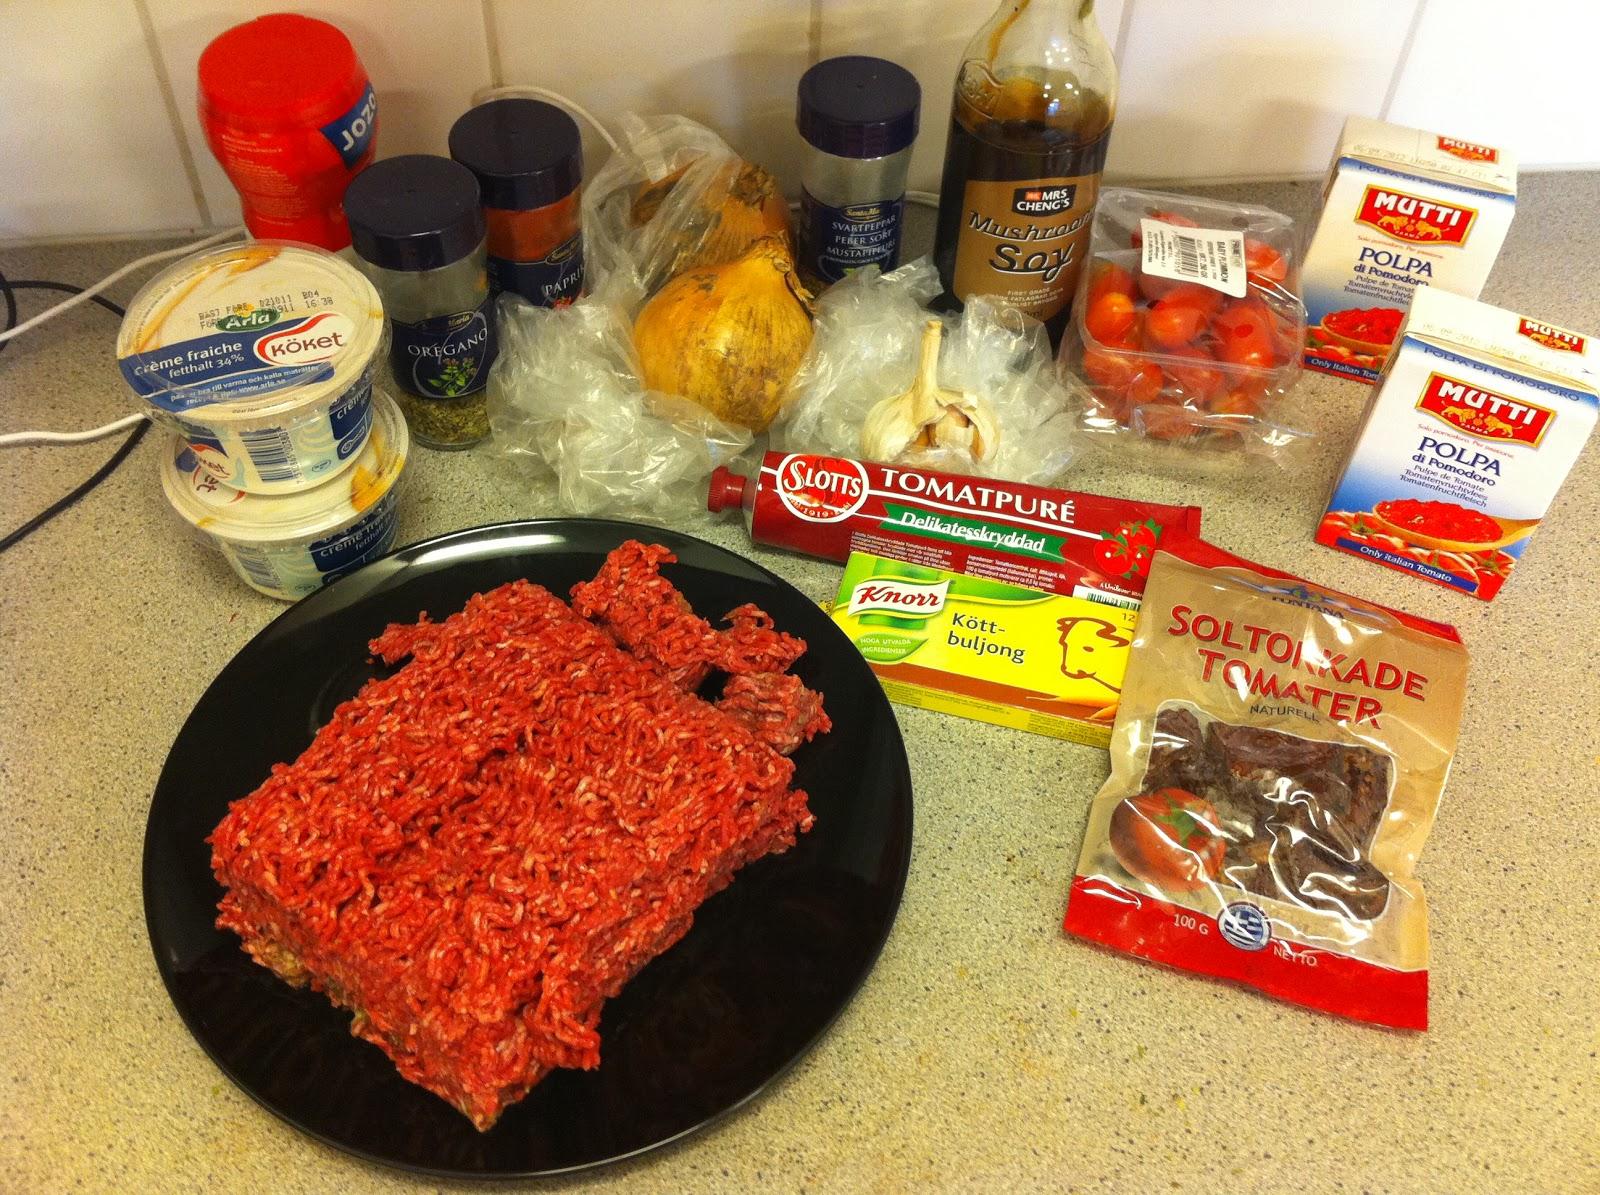 köttfärssås creme fraiche krossade tomater